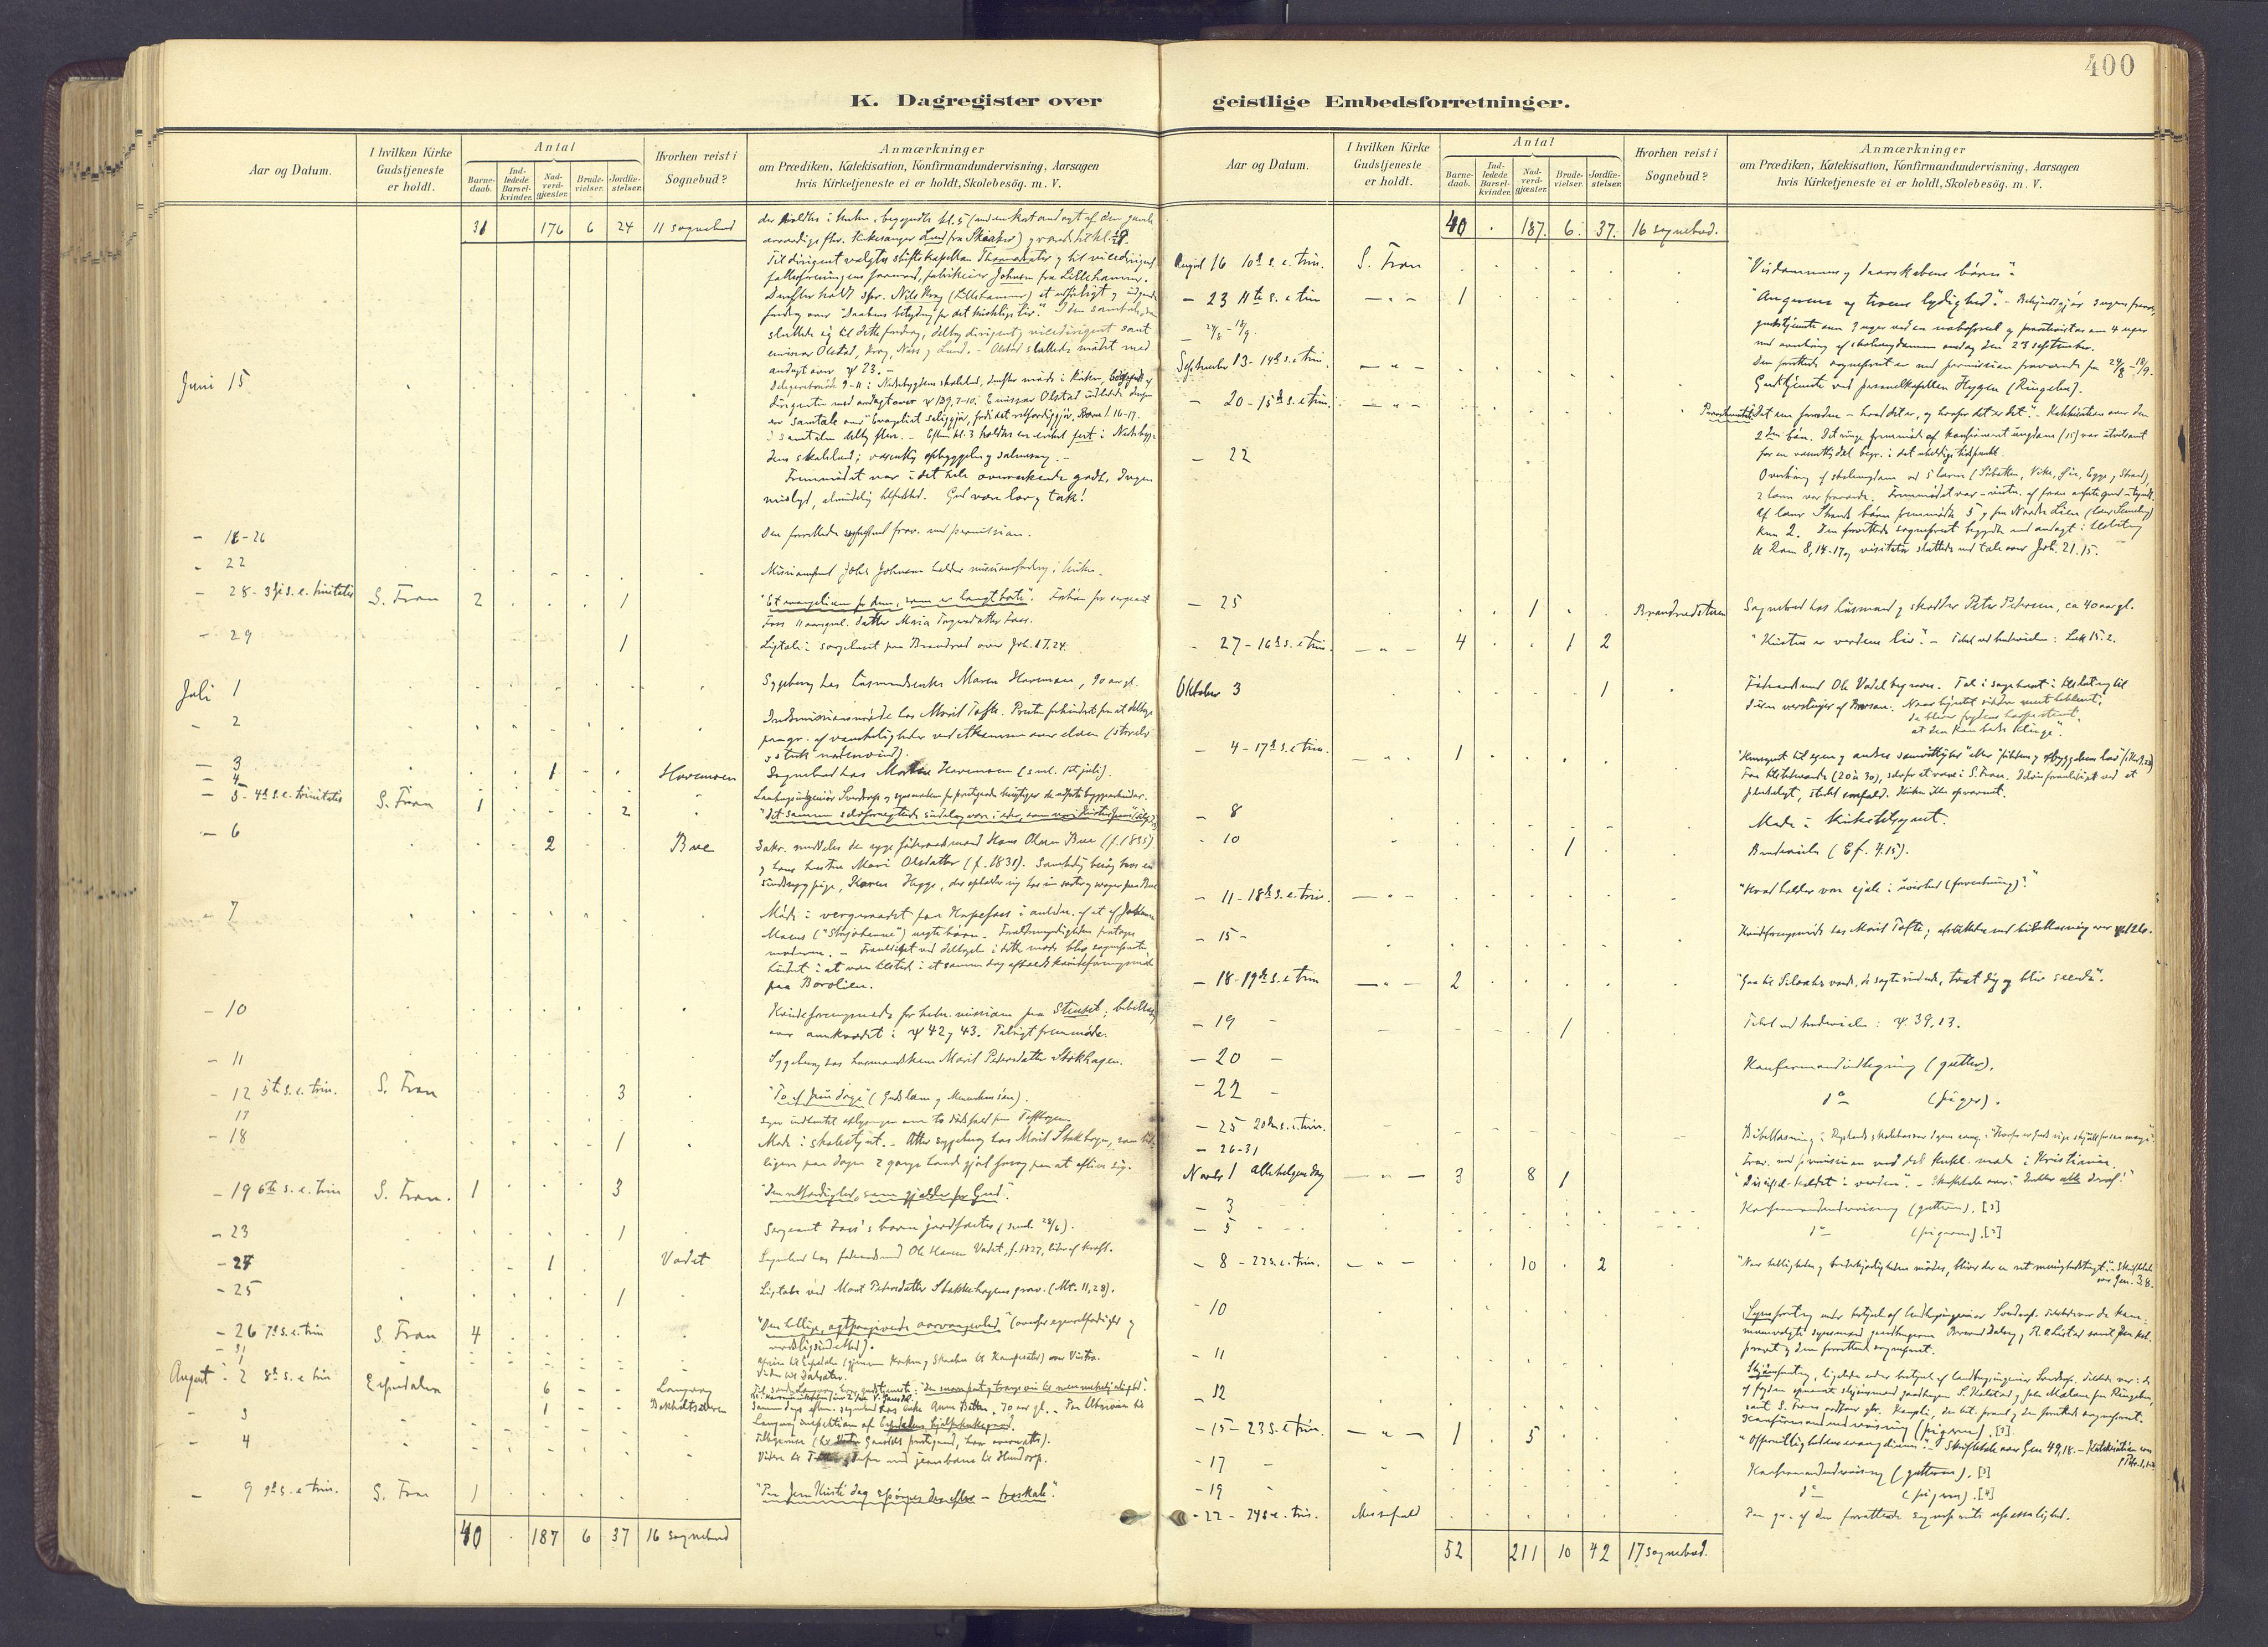 SAH, Sør-Fron prestekontor, H/Ha/Haa/L0004: Parish register (official) no. 4, 1898-1919, p. 400